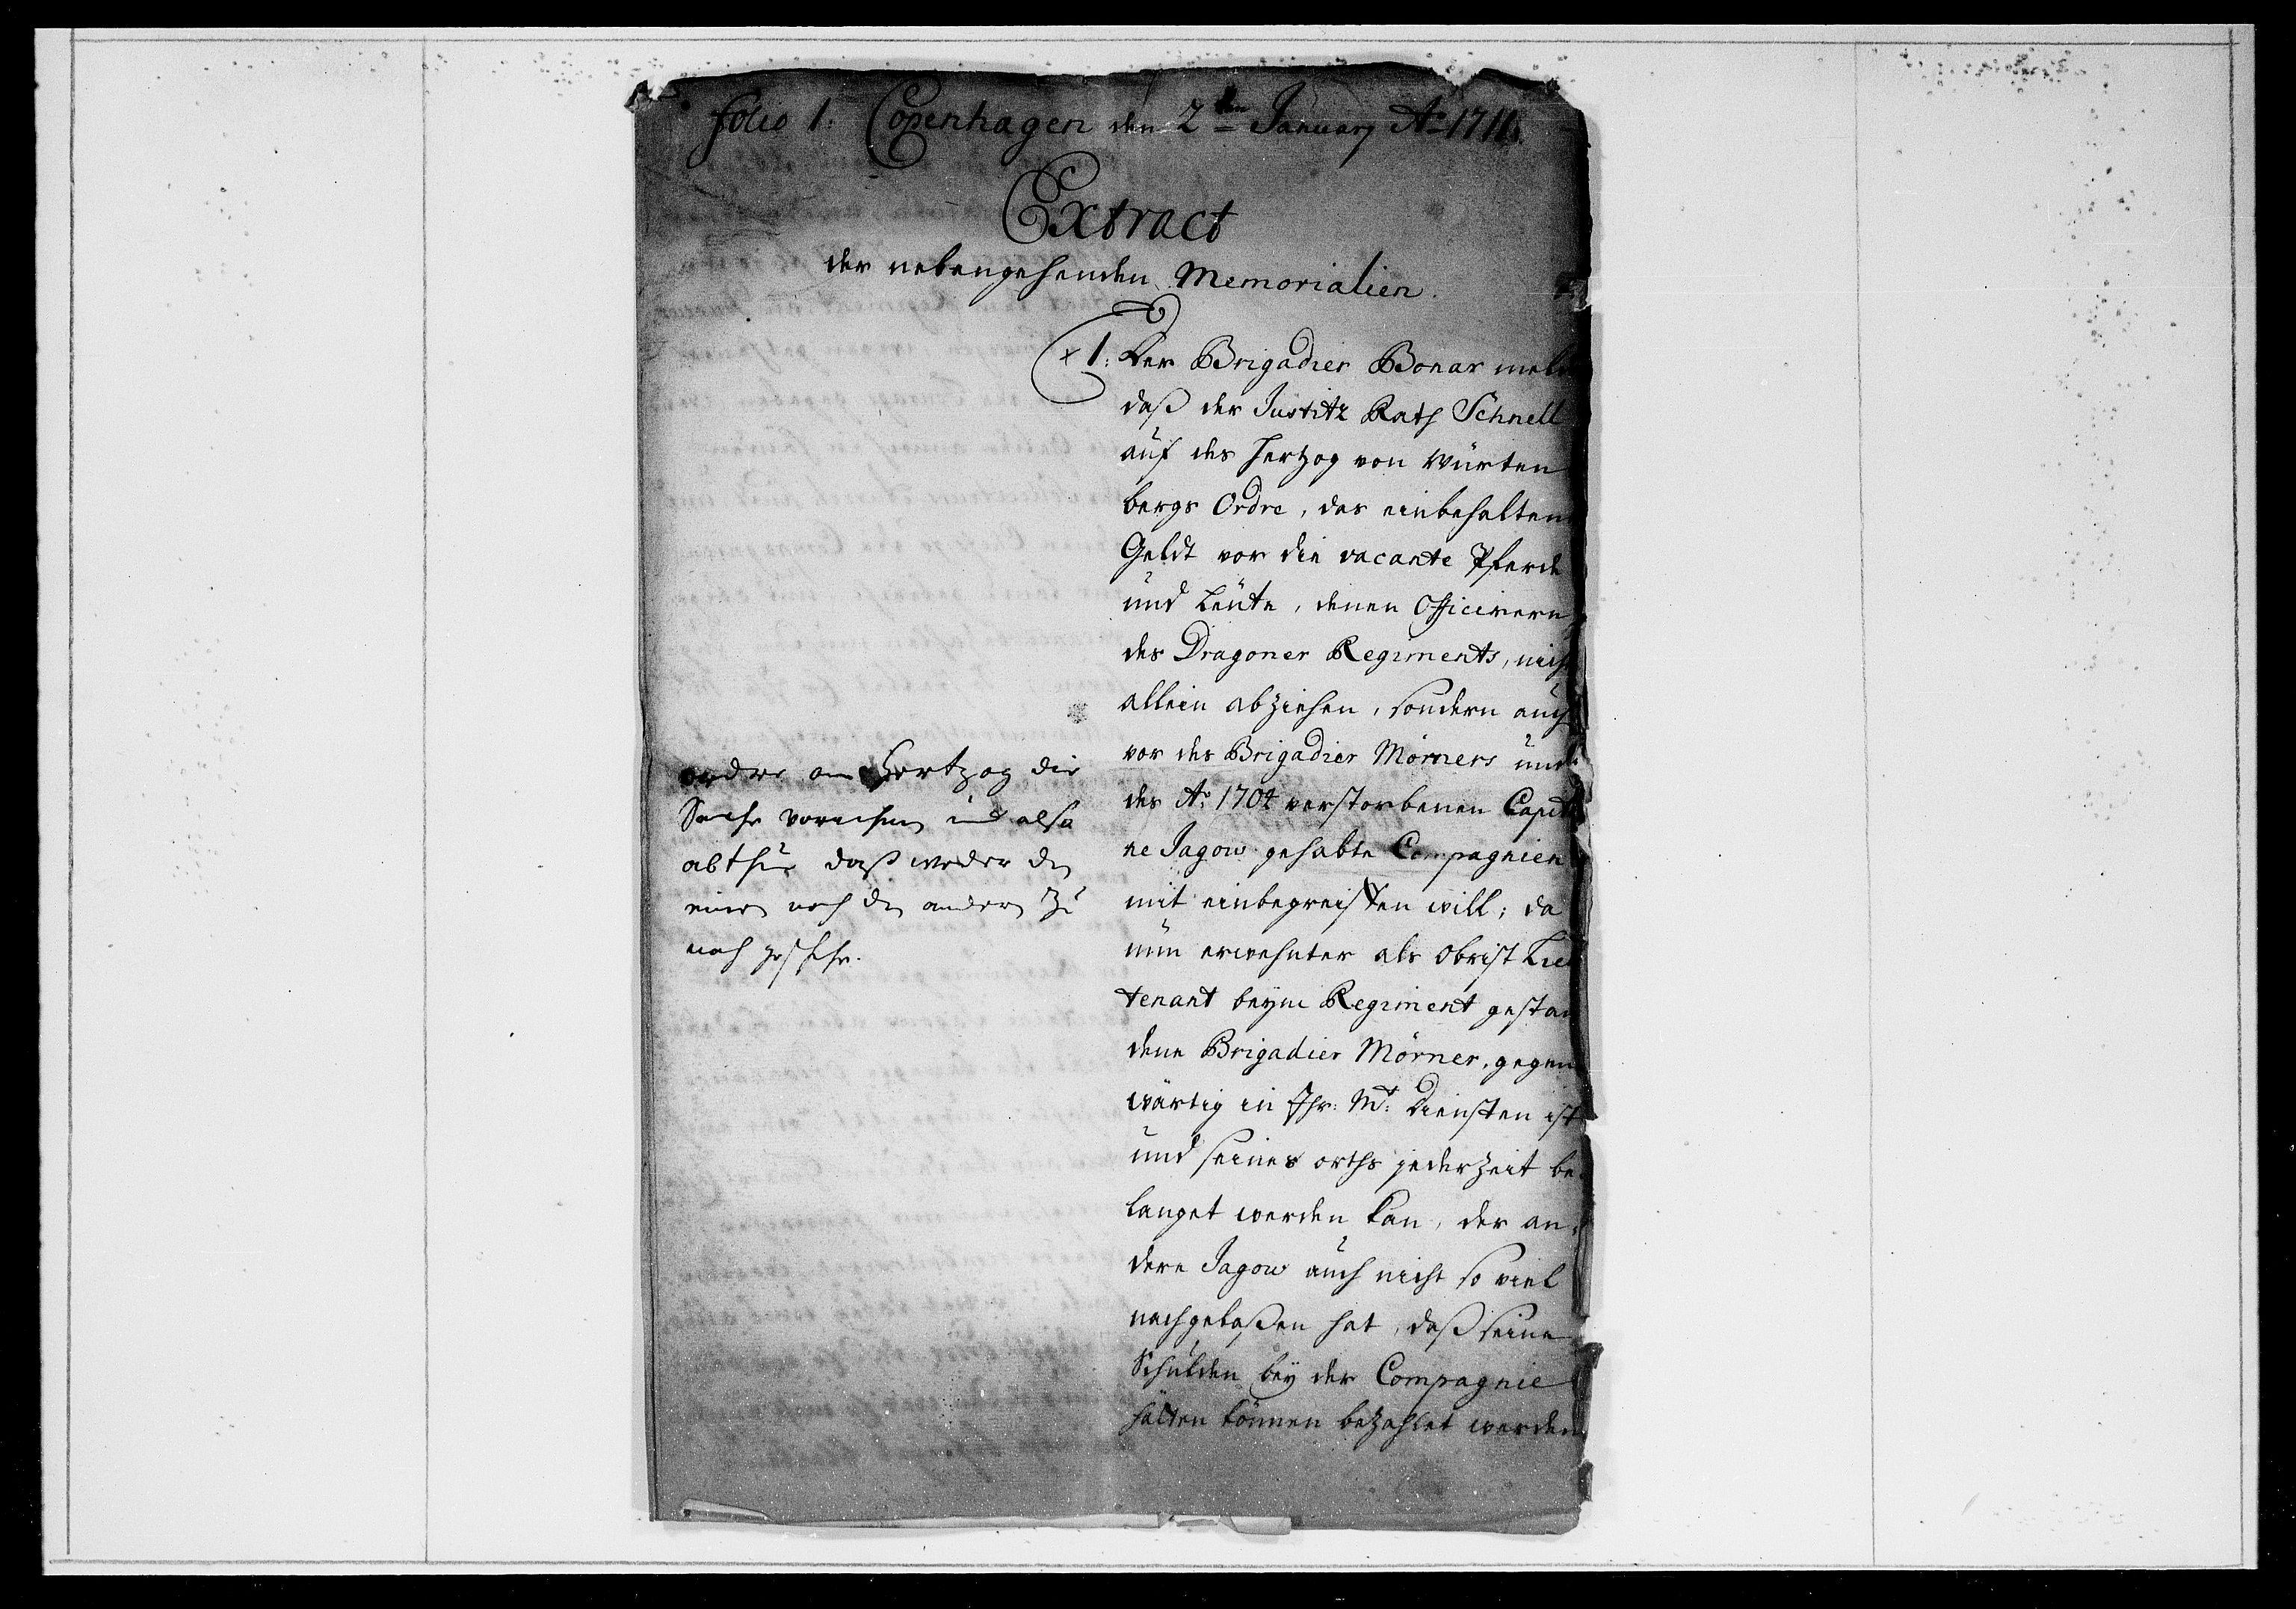 DRA, Krigskollegiet, Krigskancelliet, -/0979-0985: Refererede sager, 1711, s. 2